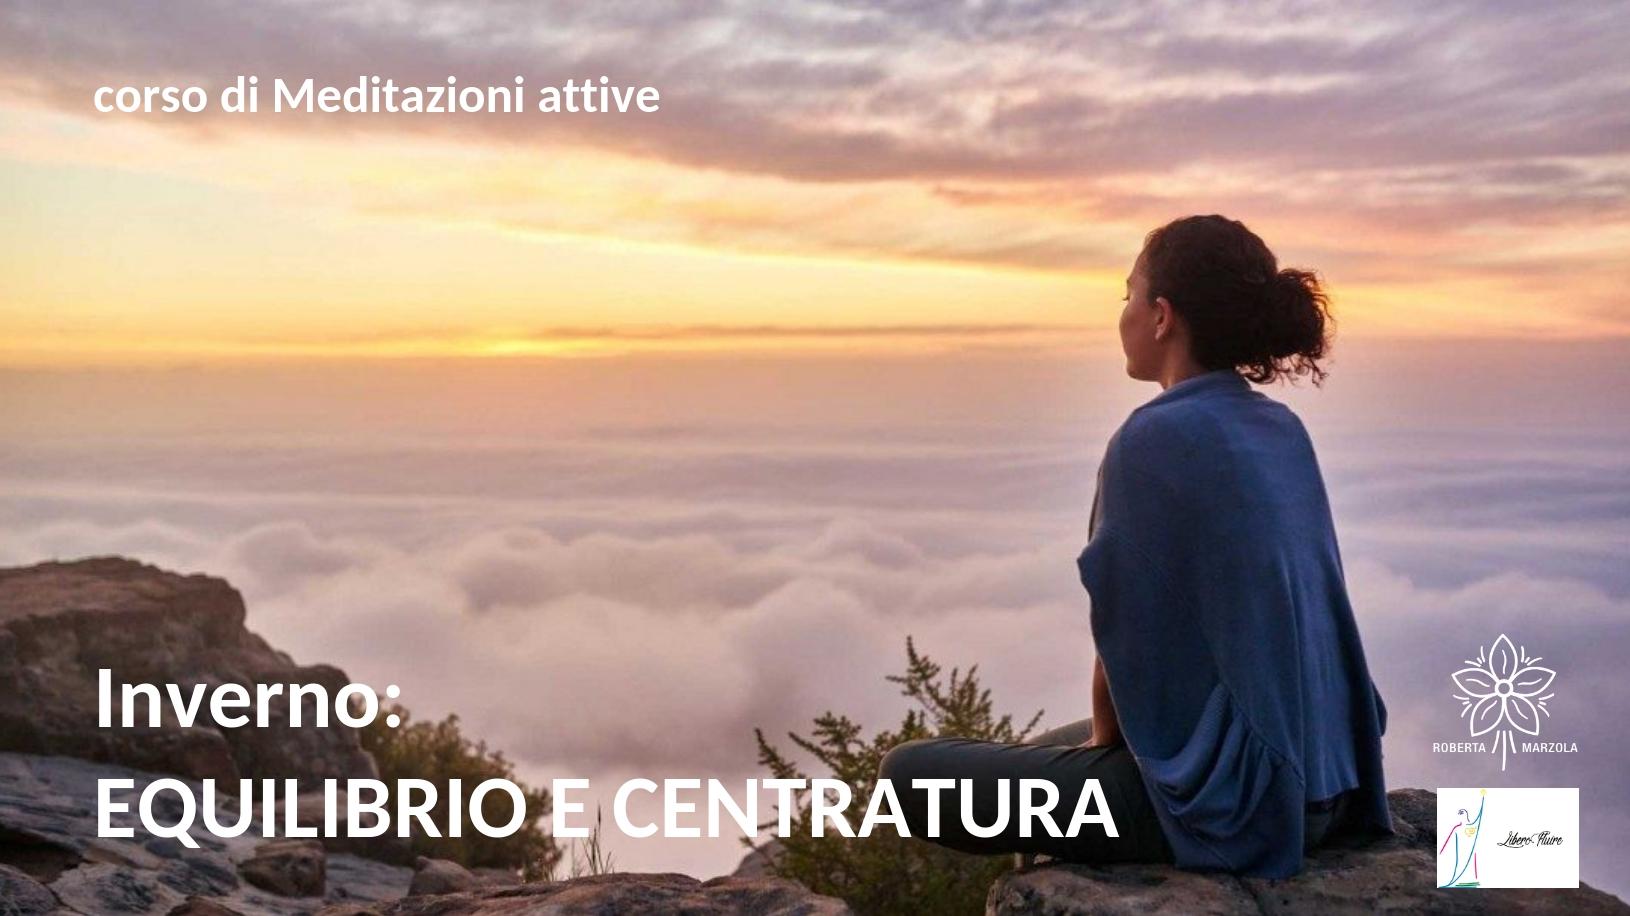 corso meditazioni attive Treviso equilibrio centratura